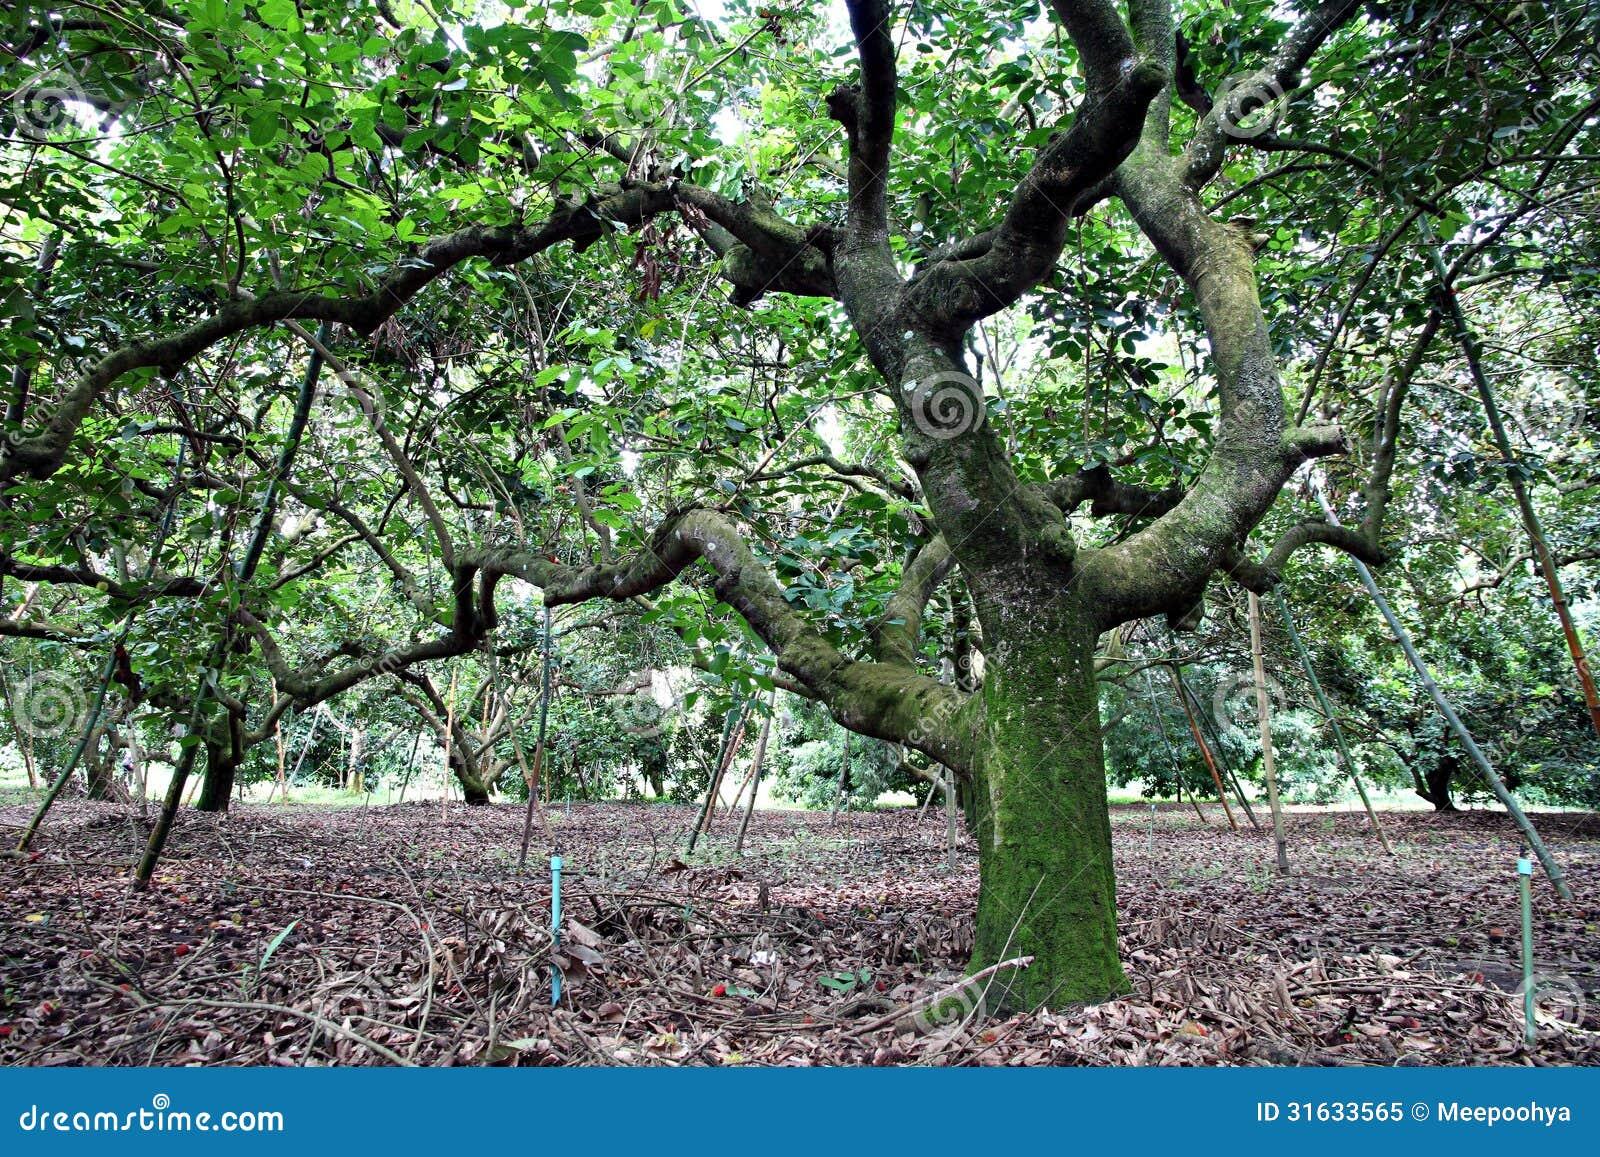 u7ea2 u6bdb u4e39 u6811 u3002  u514d u7248 u7a0e u5e93 u5b58 u7167 u7247  u56fe u7247 31633565 tree vector plan tree vector t shirt